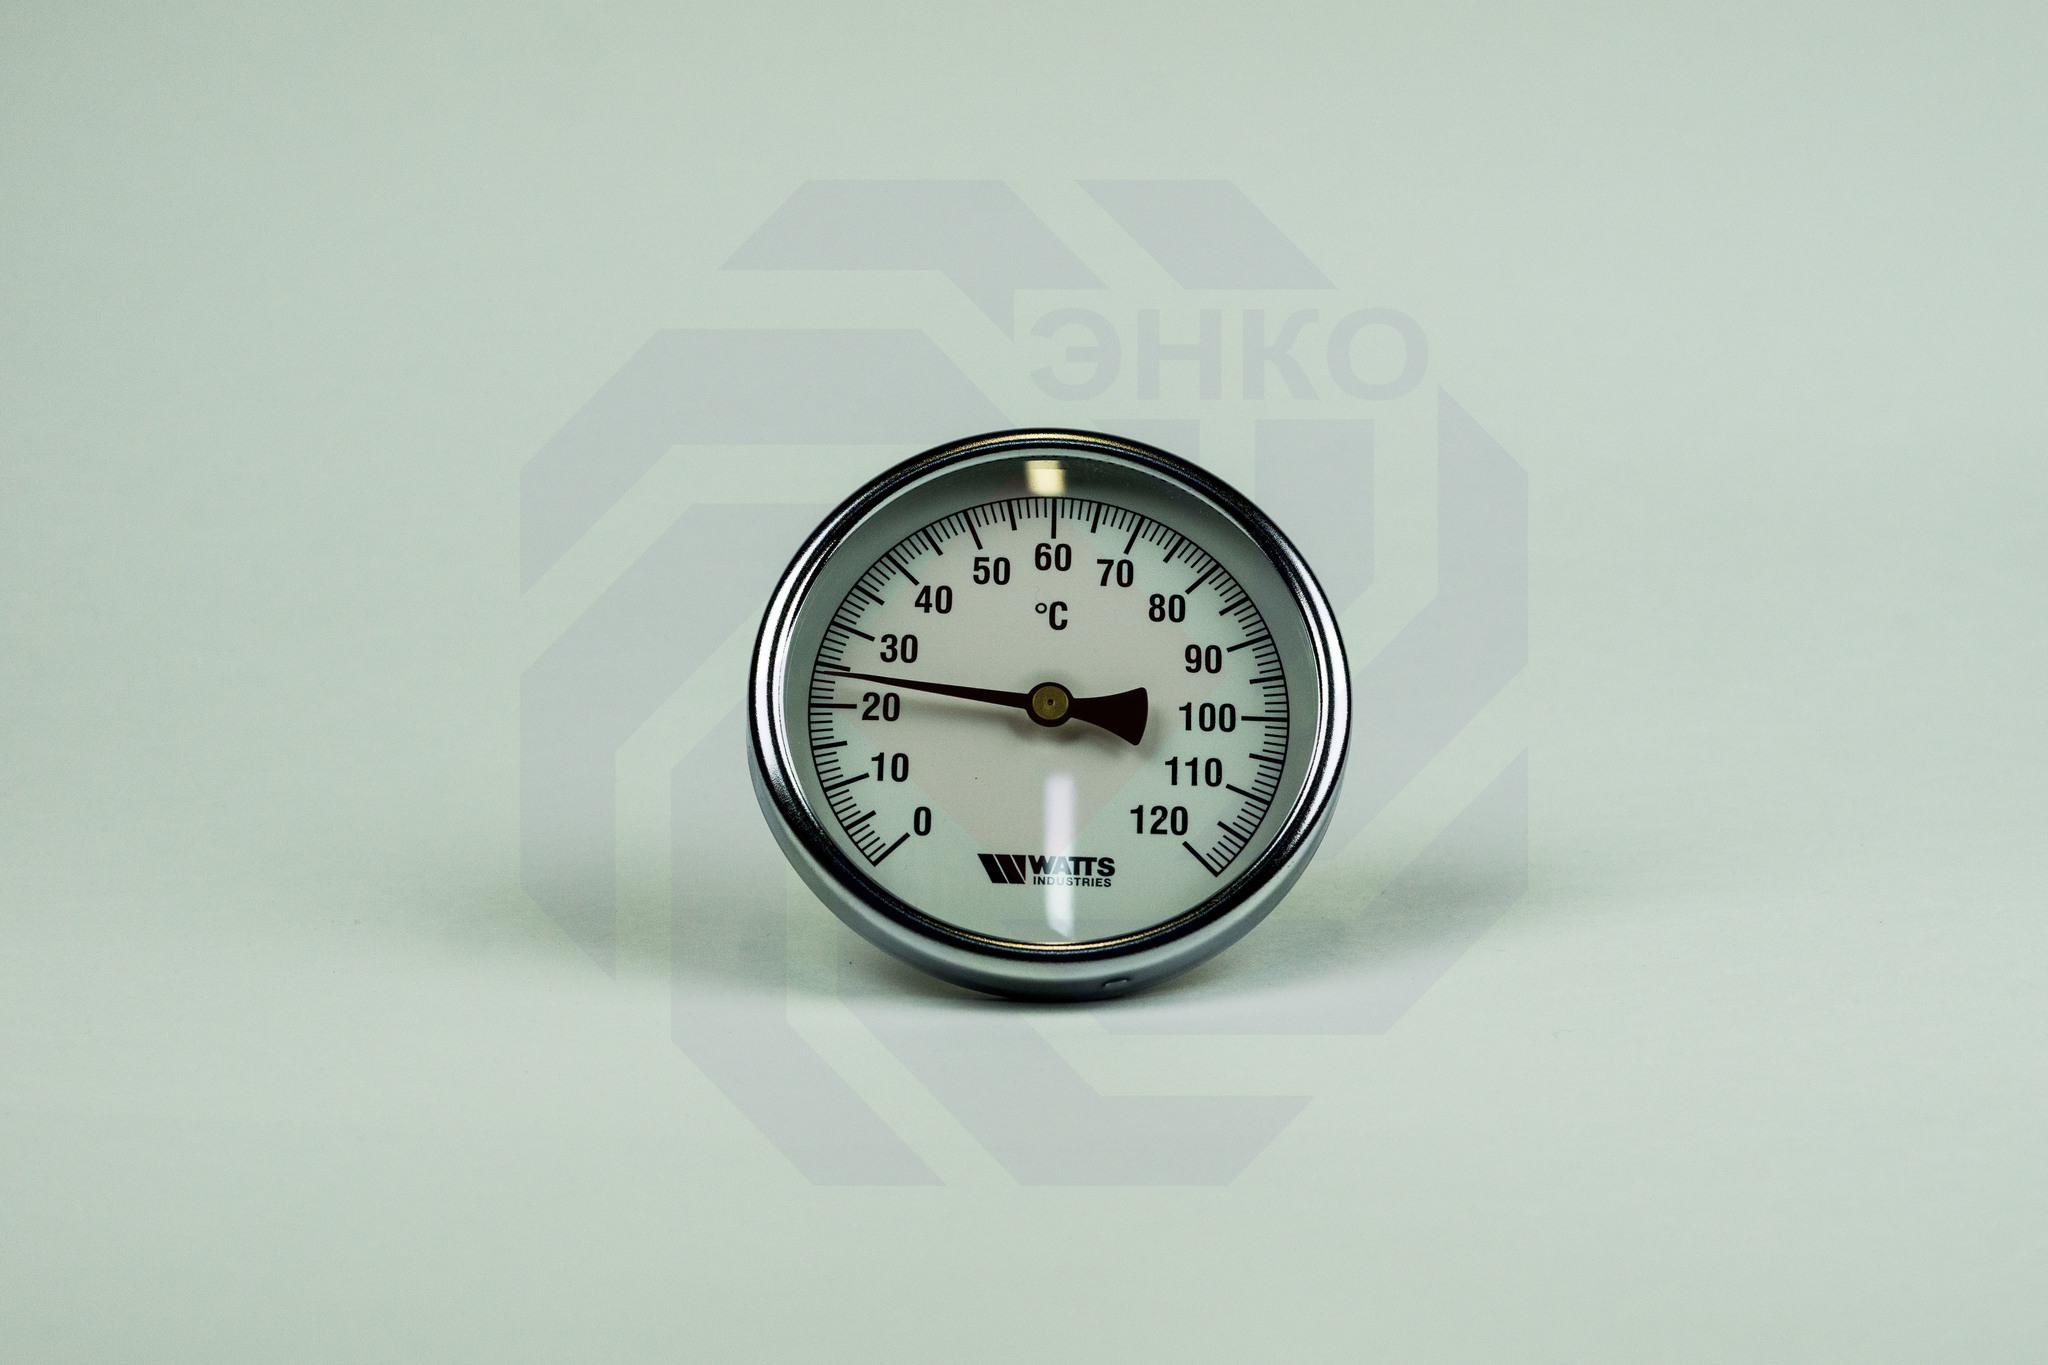 Термометр биметаллический аксиальный WATTS F+R801 SD 0-120 °С 100 мм ½